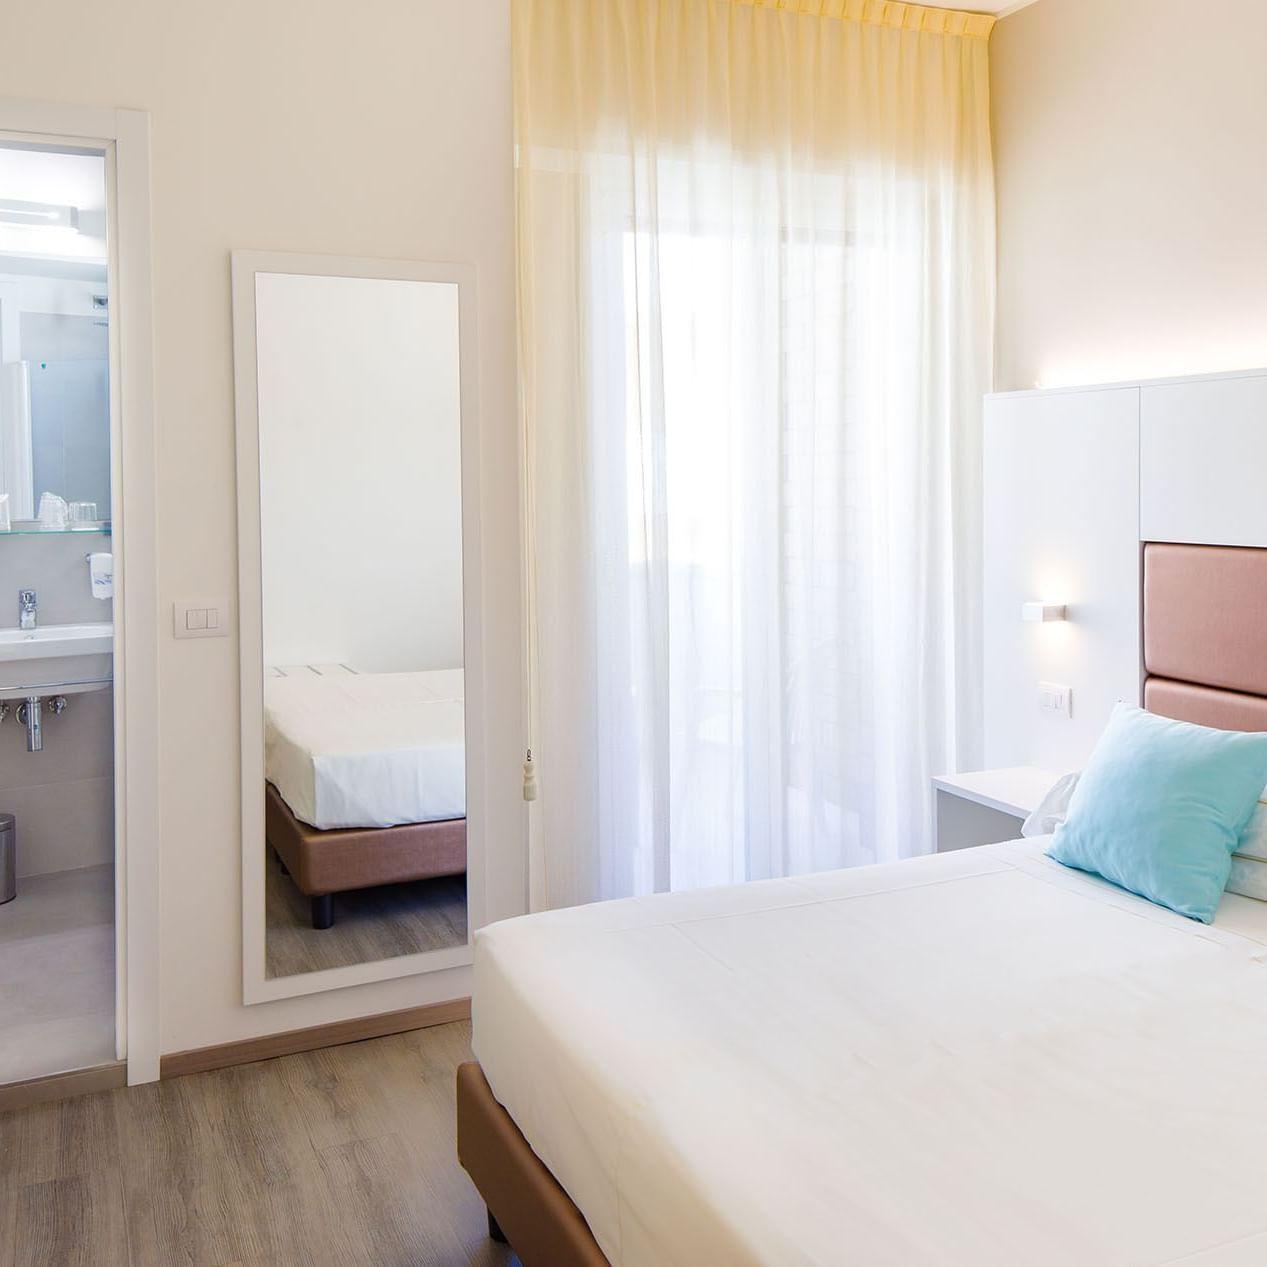 Madreperla Double Room